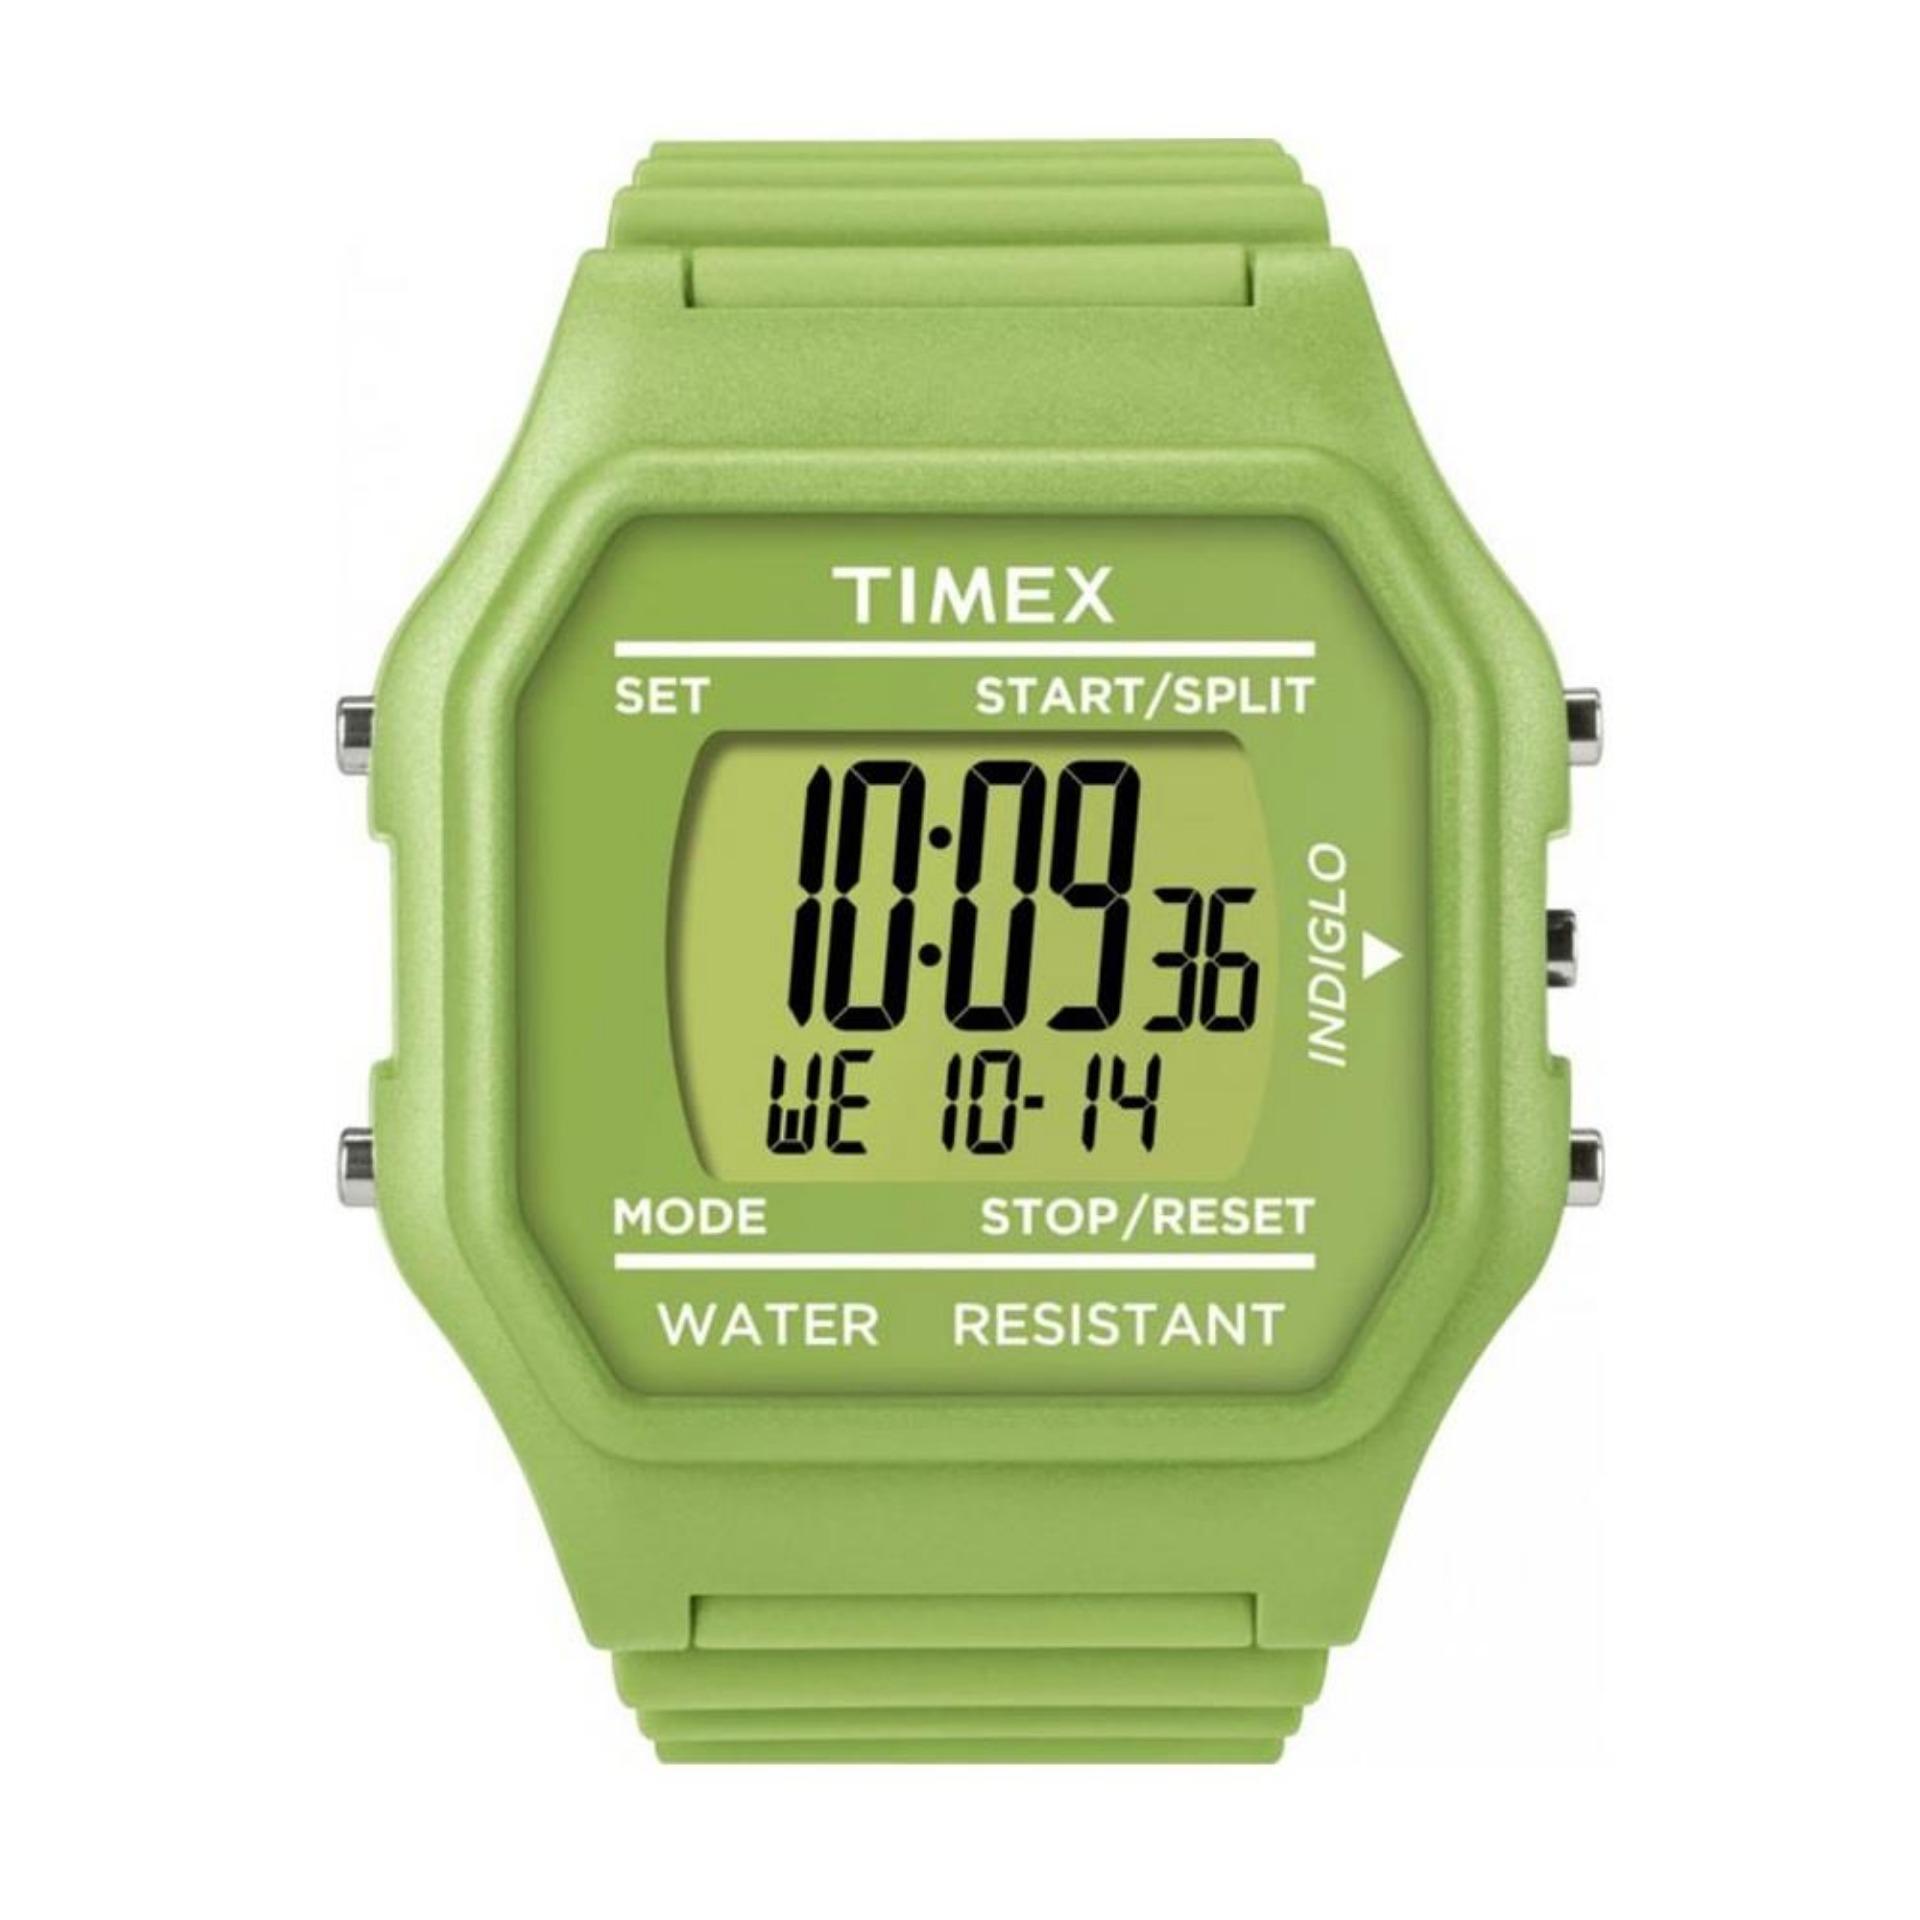 45b16e5f7 Buy TIMEX Watch Online   TIMEX Watch   Lazada.sg